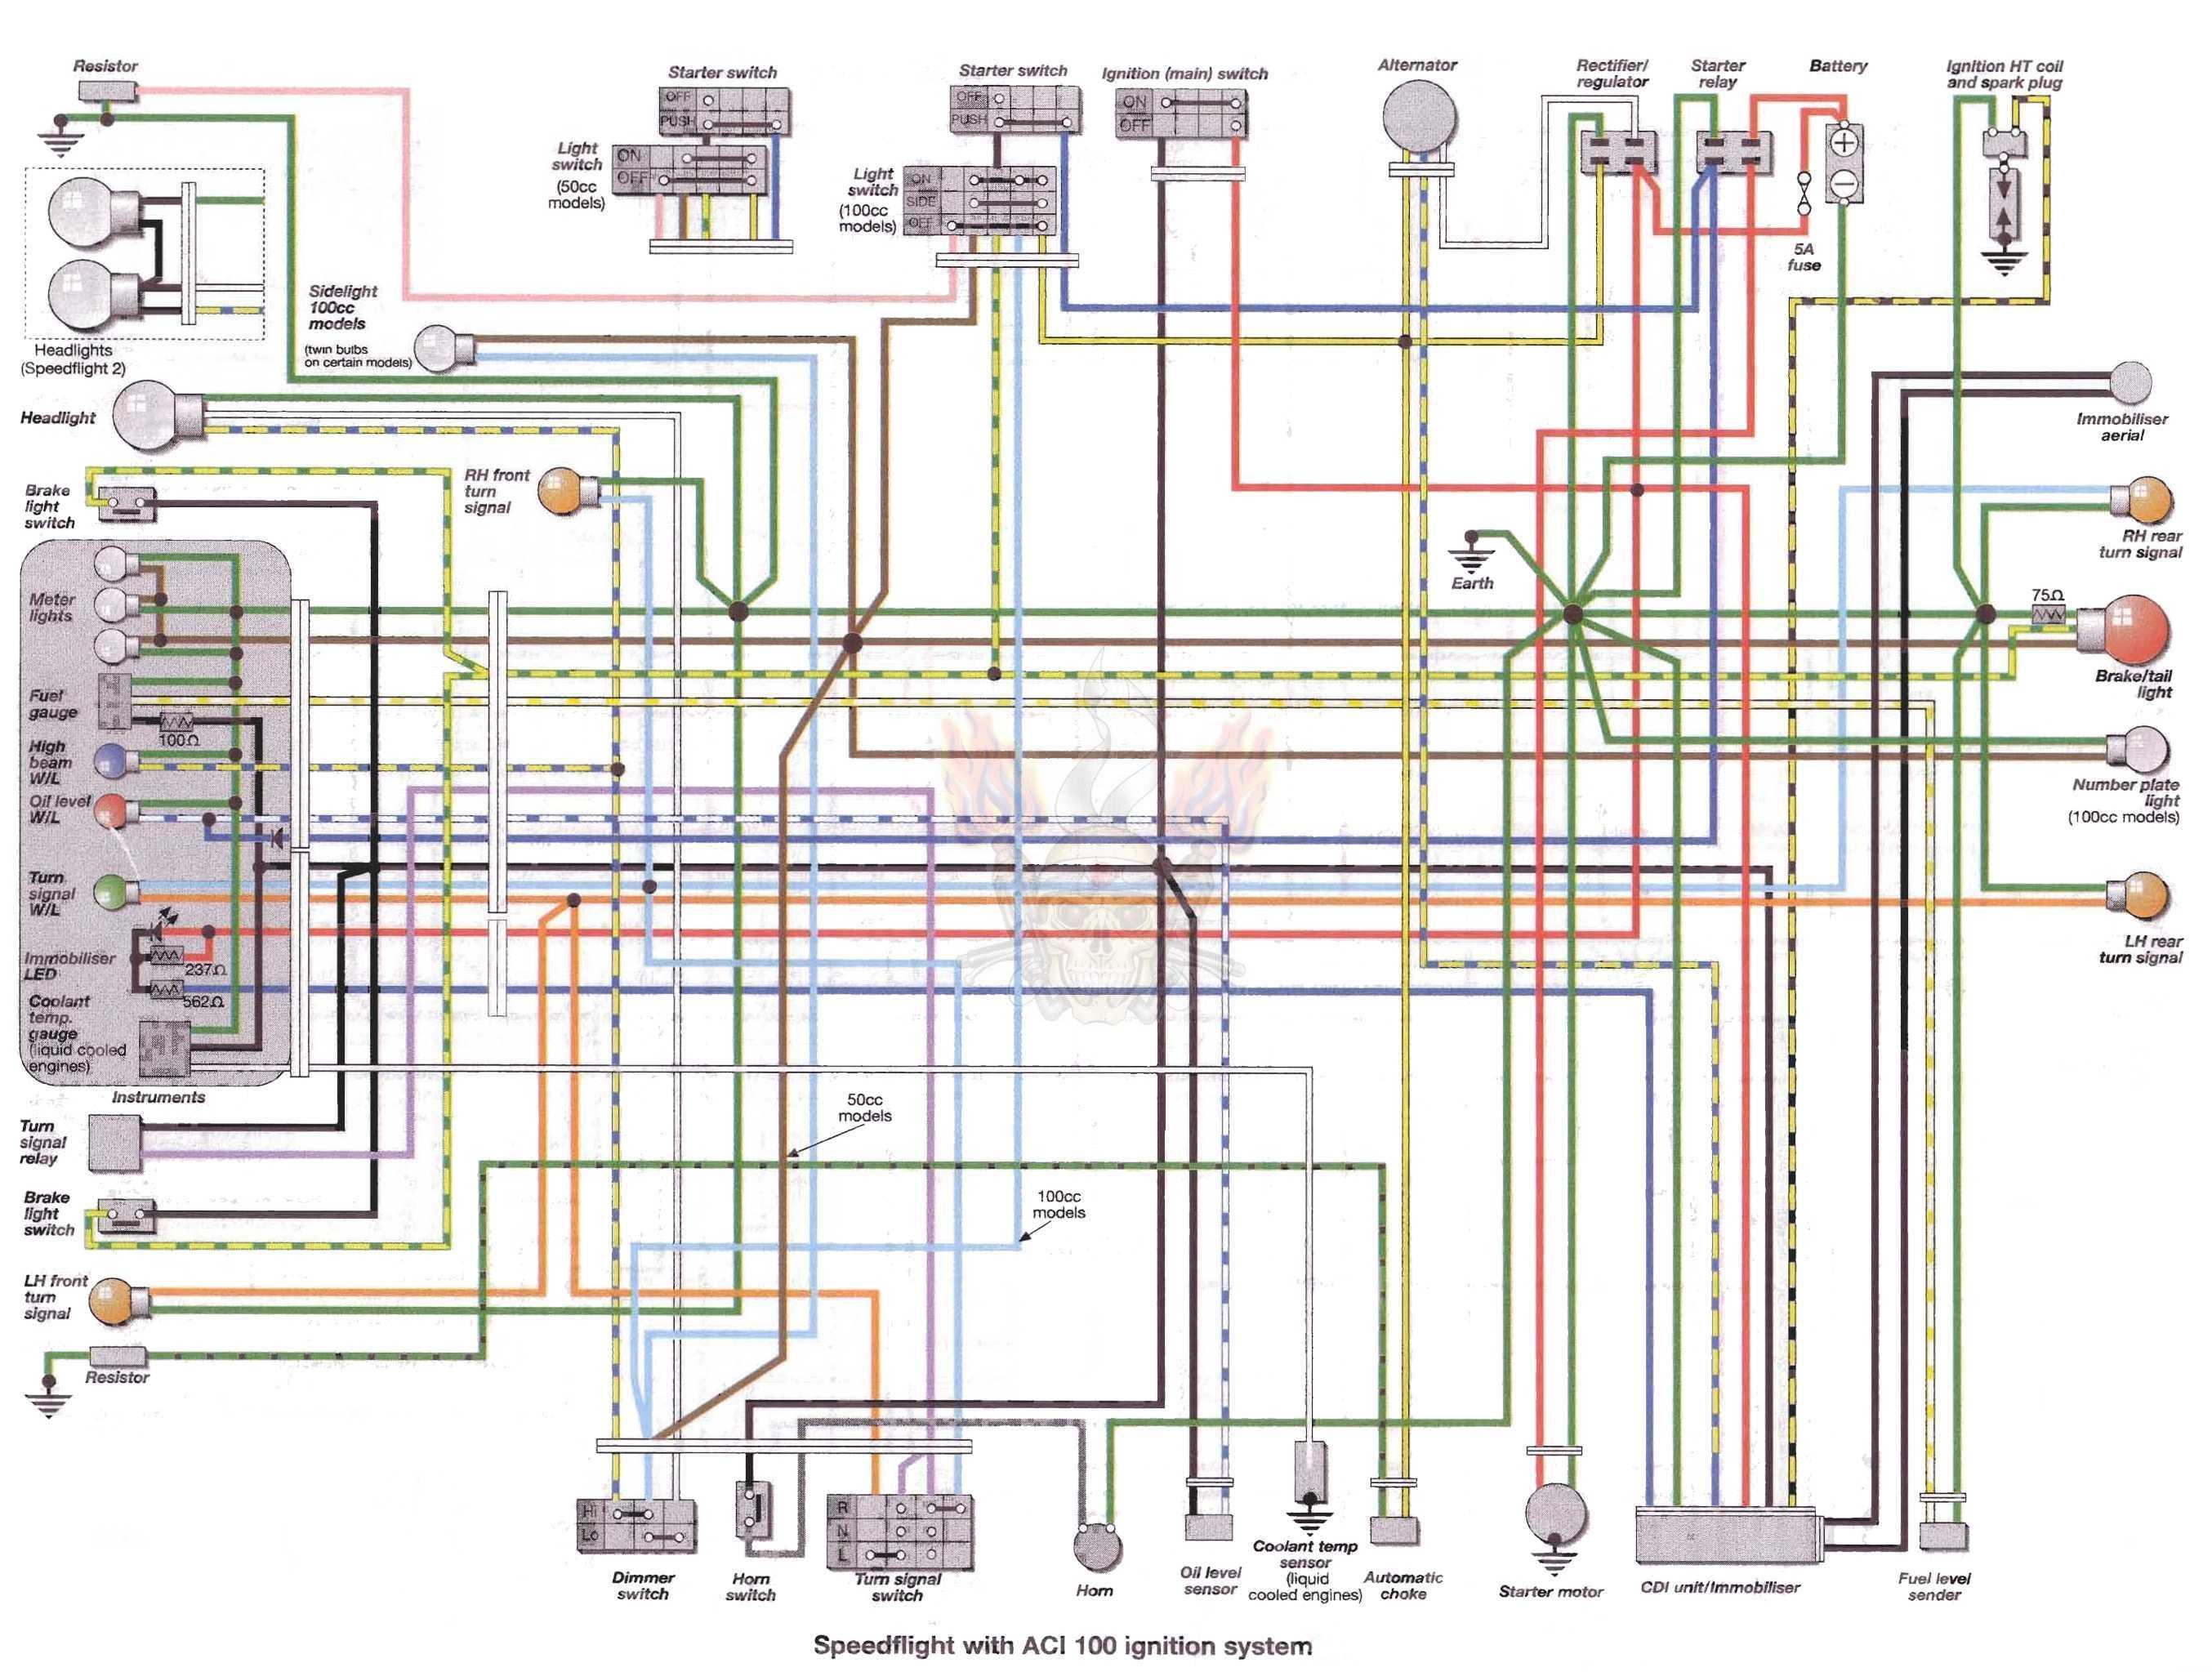 moto_schem_Peugeot_Speedfight_with_ACI100_ignition_scooter?t=1438370584 suzuki eiger 400 ignition wiring diagram arctic cat 650 wiring Suzuki Eiger 400 Problems at crackthecode.co